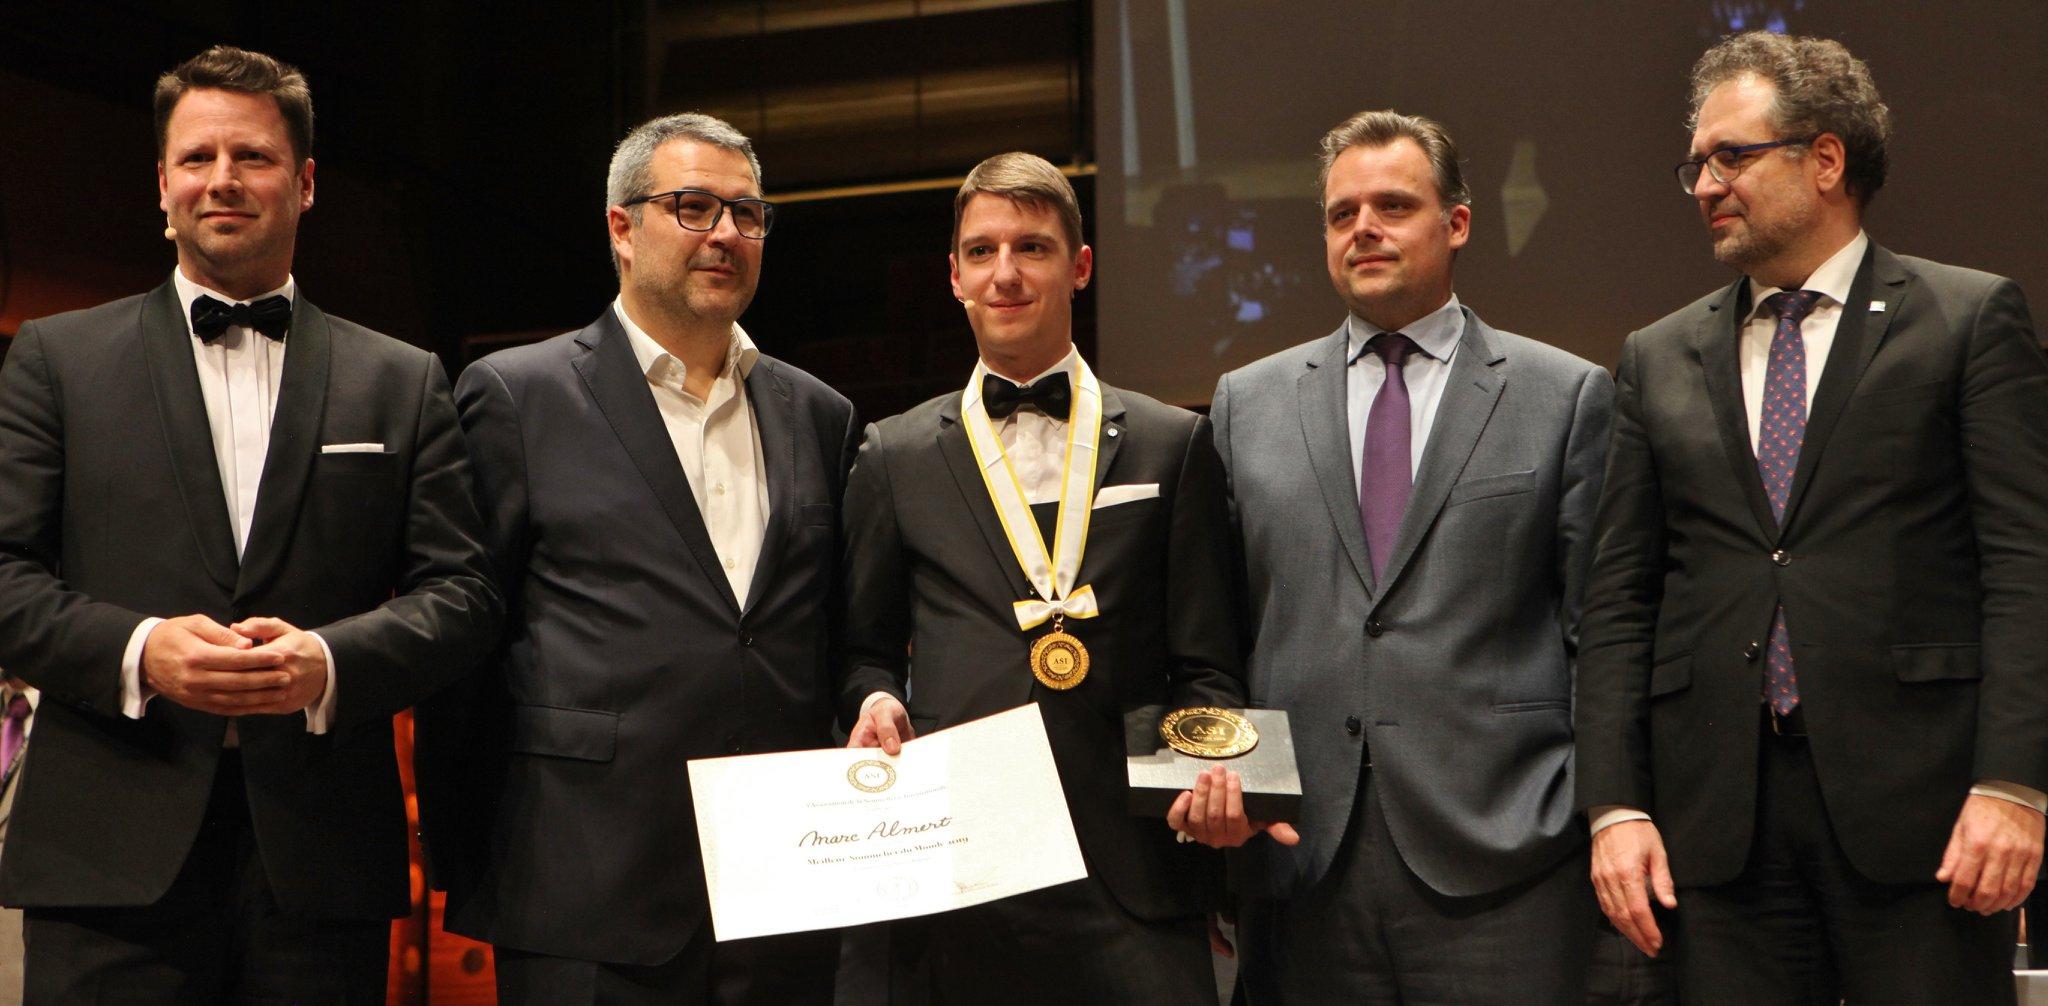 Marc Almert, new Best Sommelier of the World